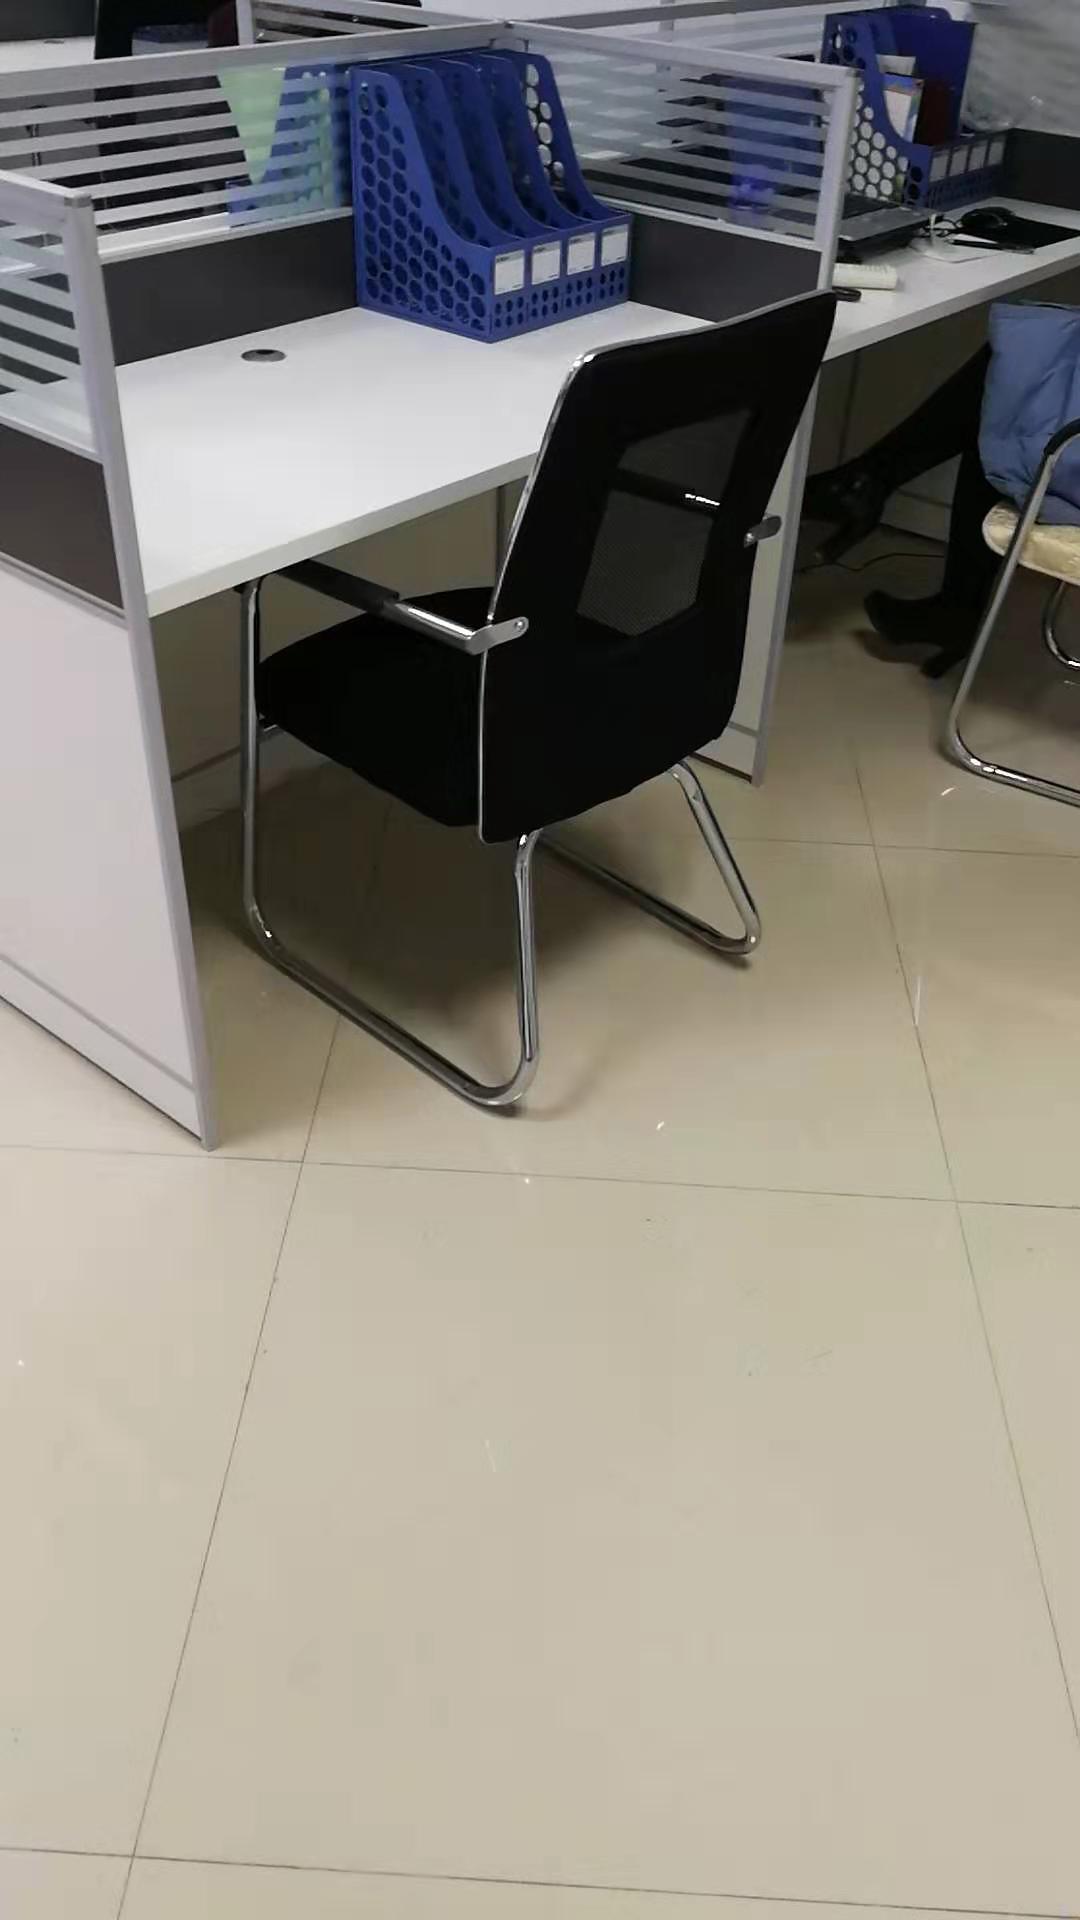 公司辦公環境